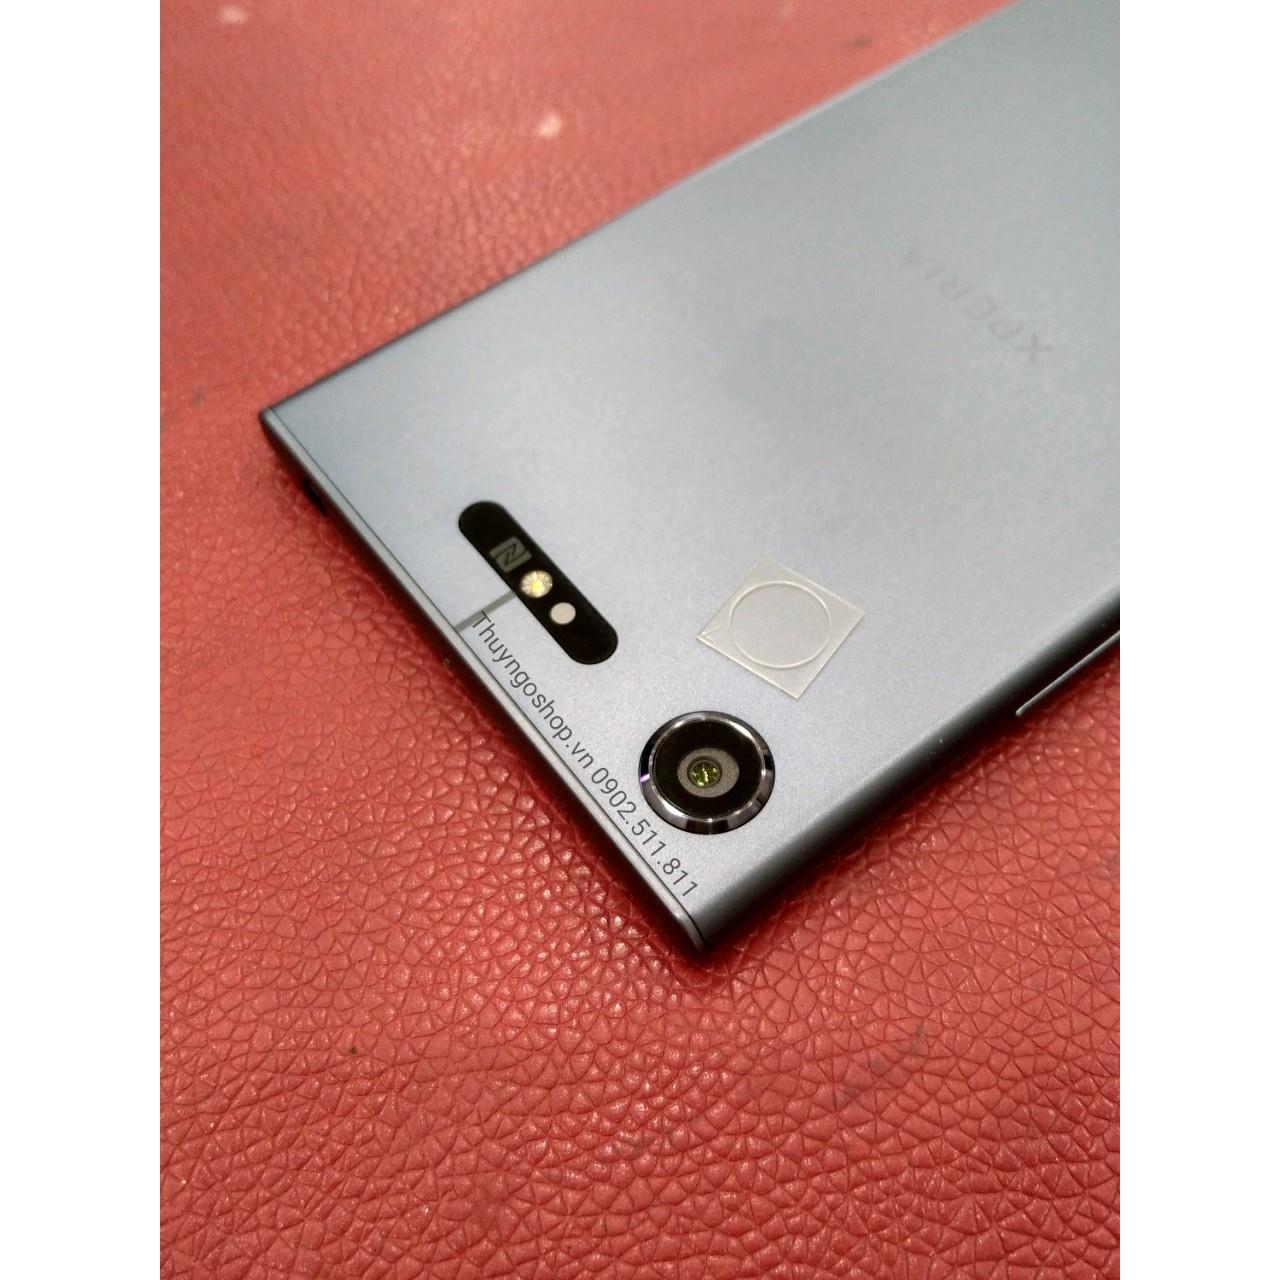 Dán bào vệ chống trầy camera Sony XZ1